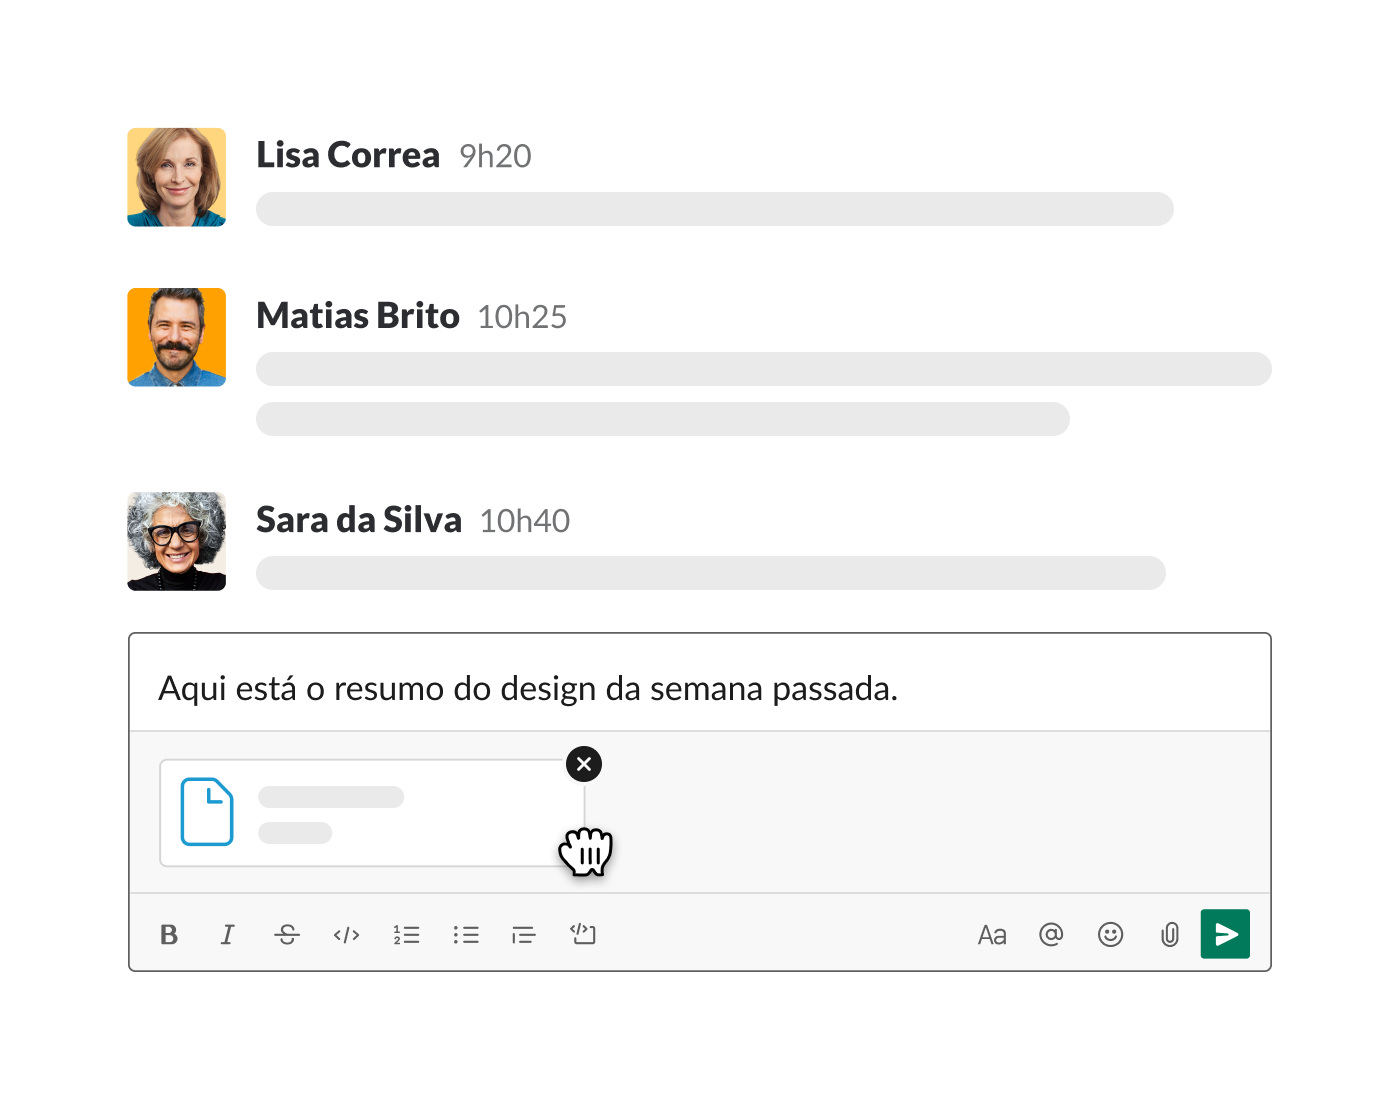 upload de um arquivo no Slack, no campo de mensagem